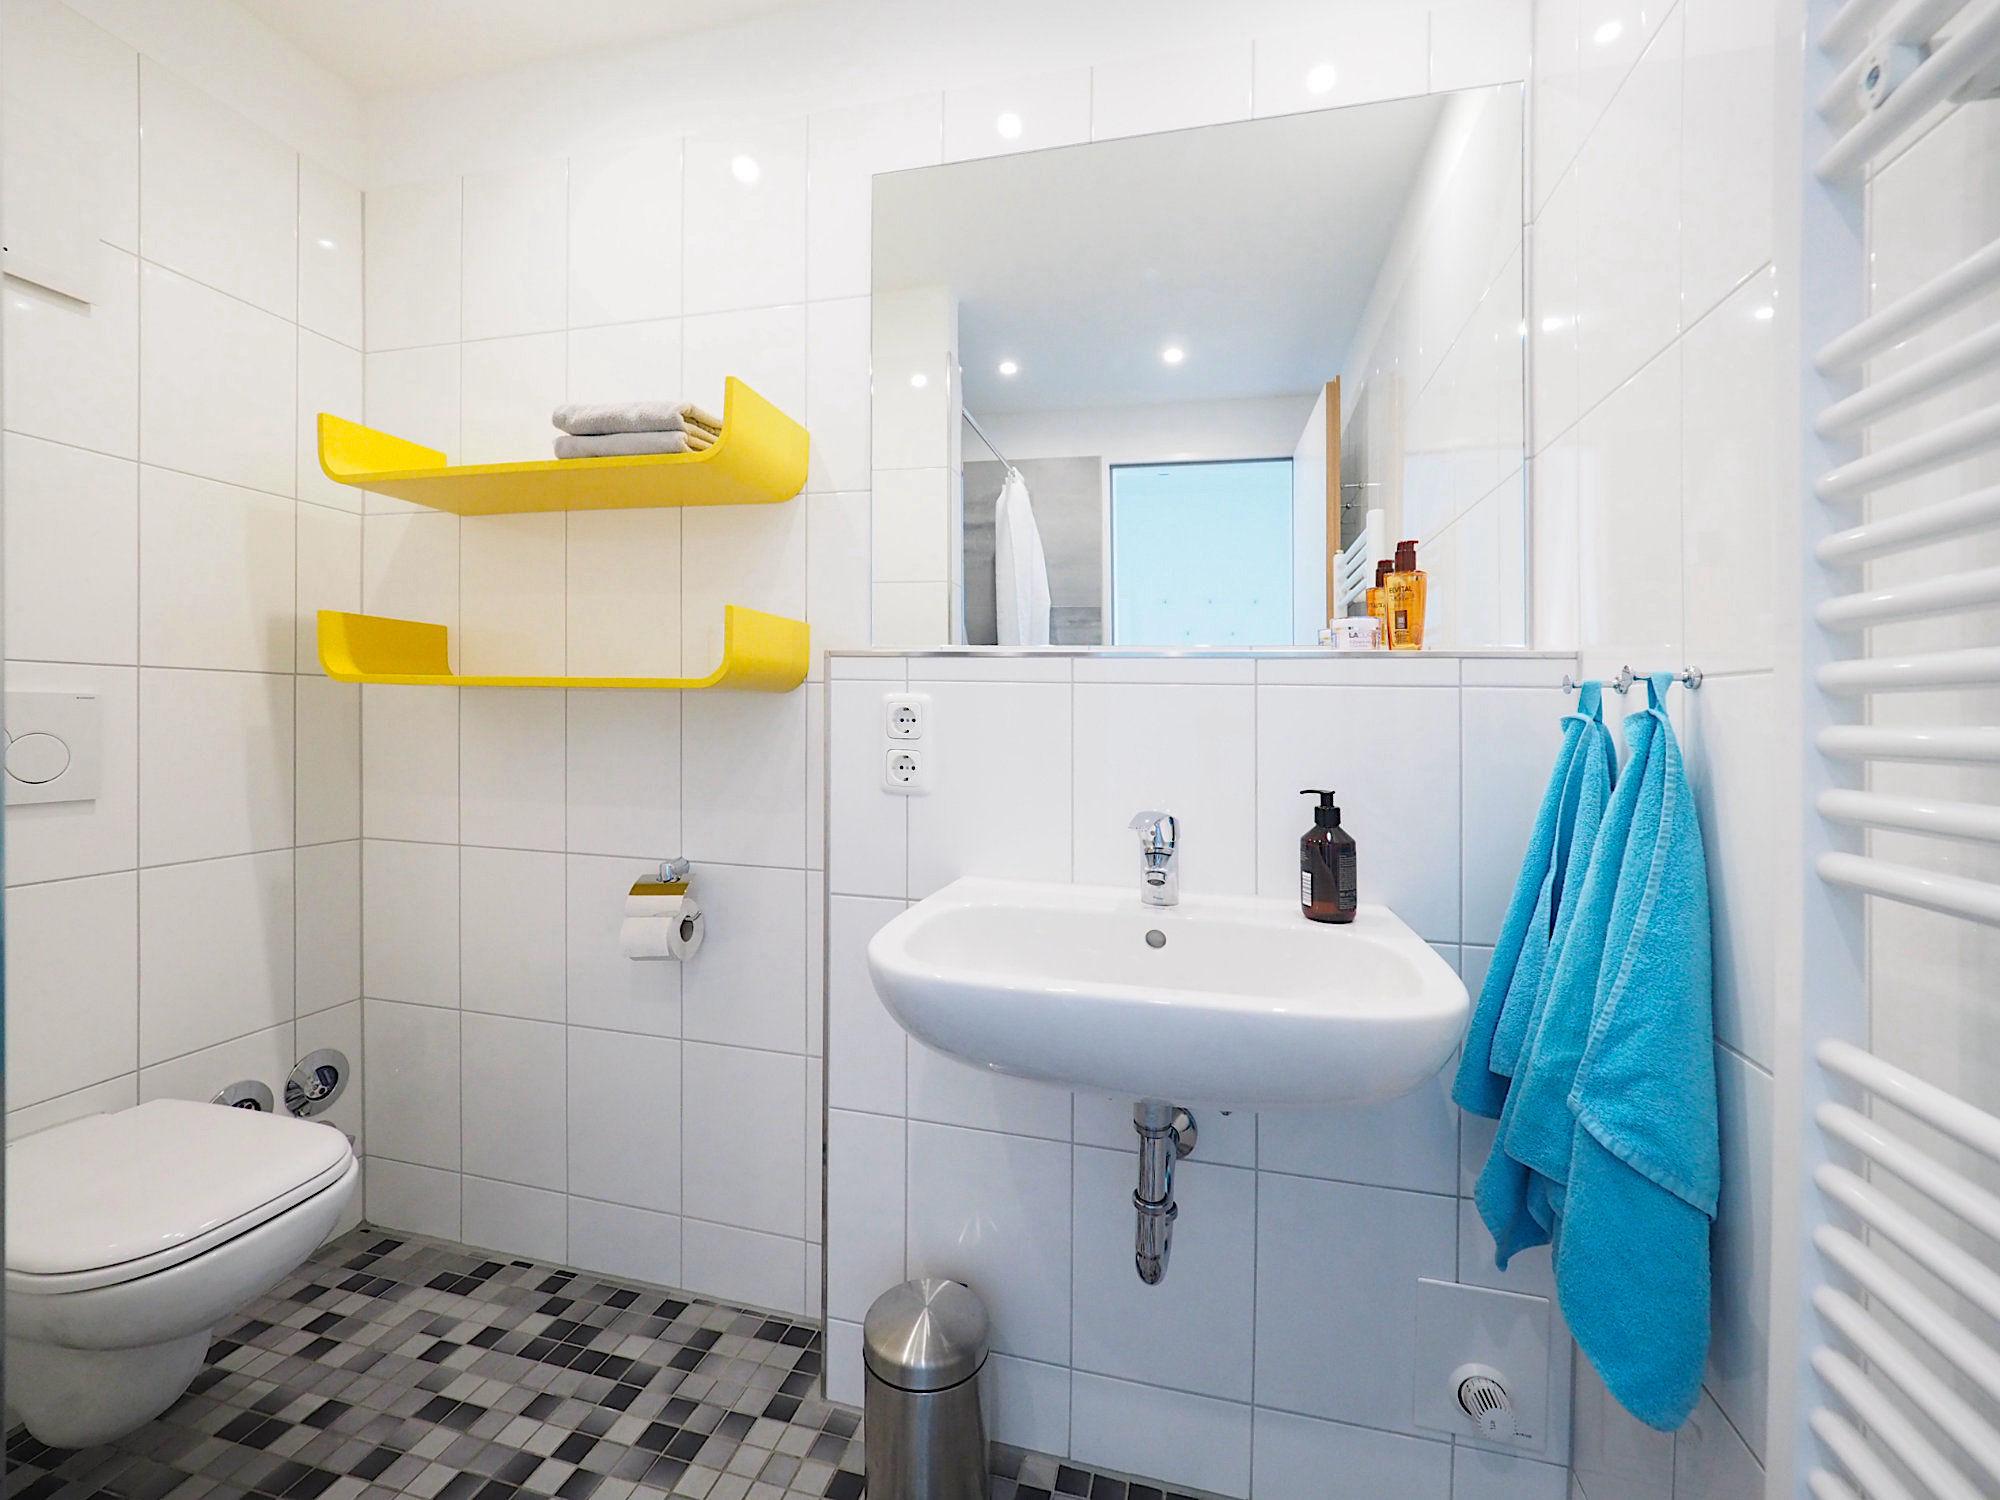 Duschbad mit WC, zwei Regalen, Waschbecken und Handtuchheizung